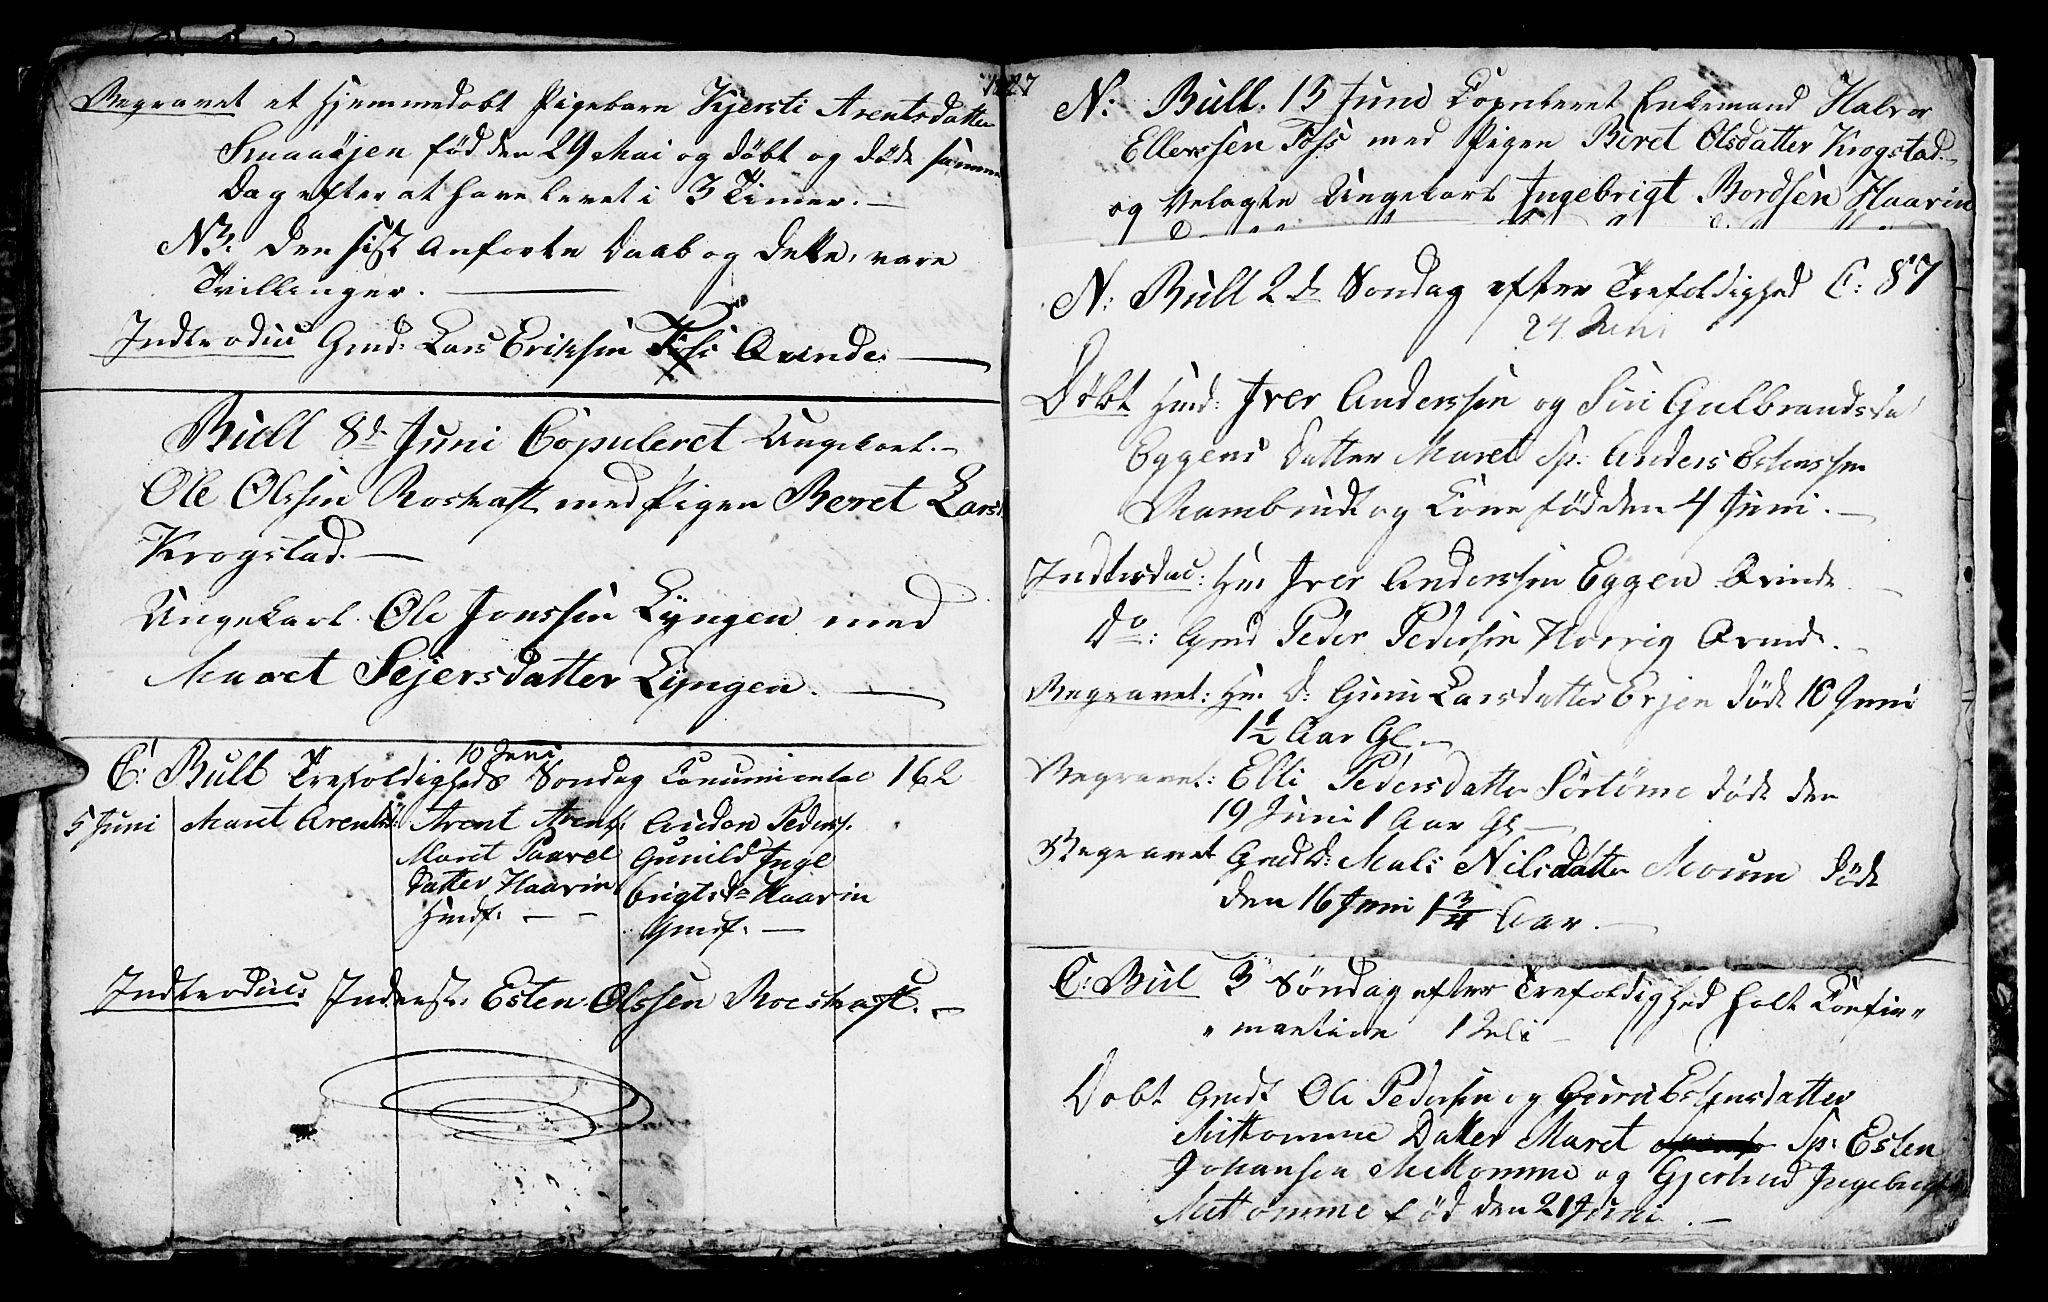 SAT, Ministerialprotokoller, klokkerbøker og fødselsregistre - Sør-Trøndelag, 692/L1109: Klokkerbok nr. 692C04, 1825-1827